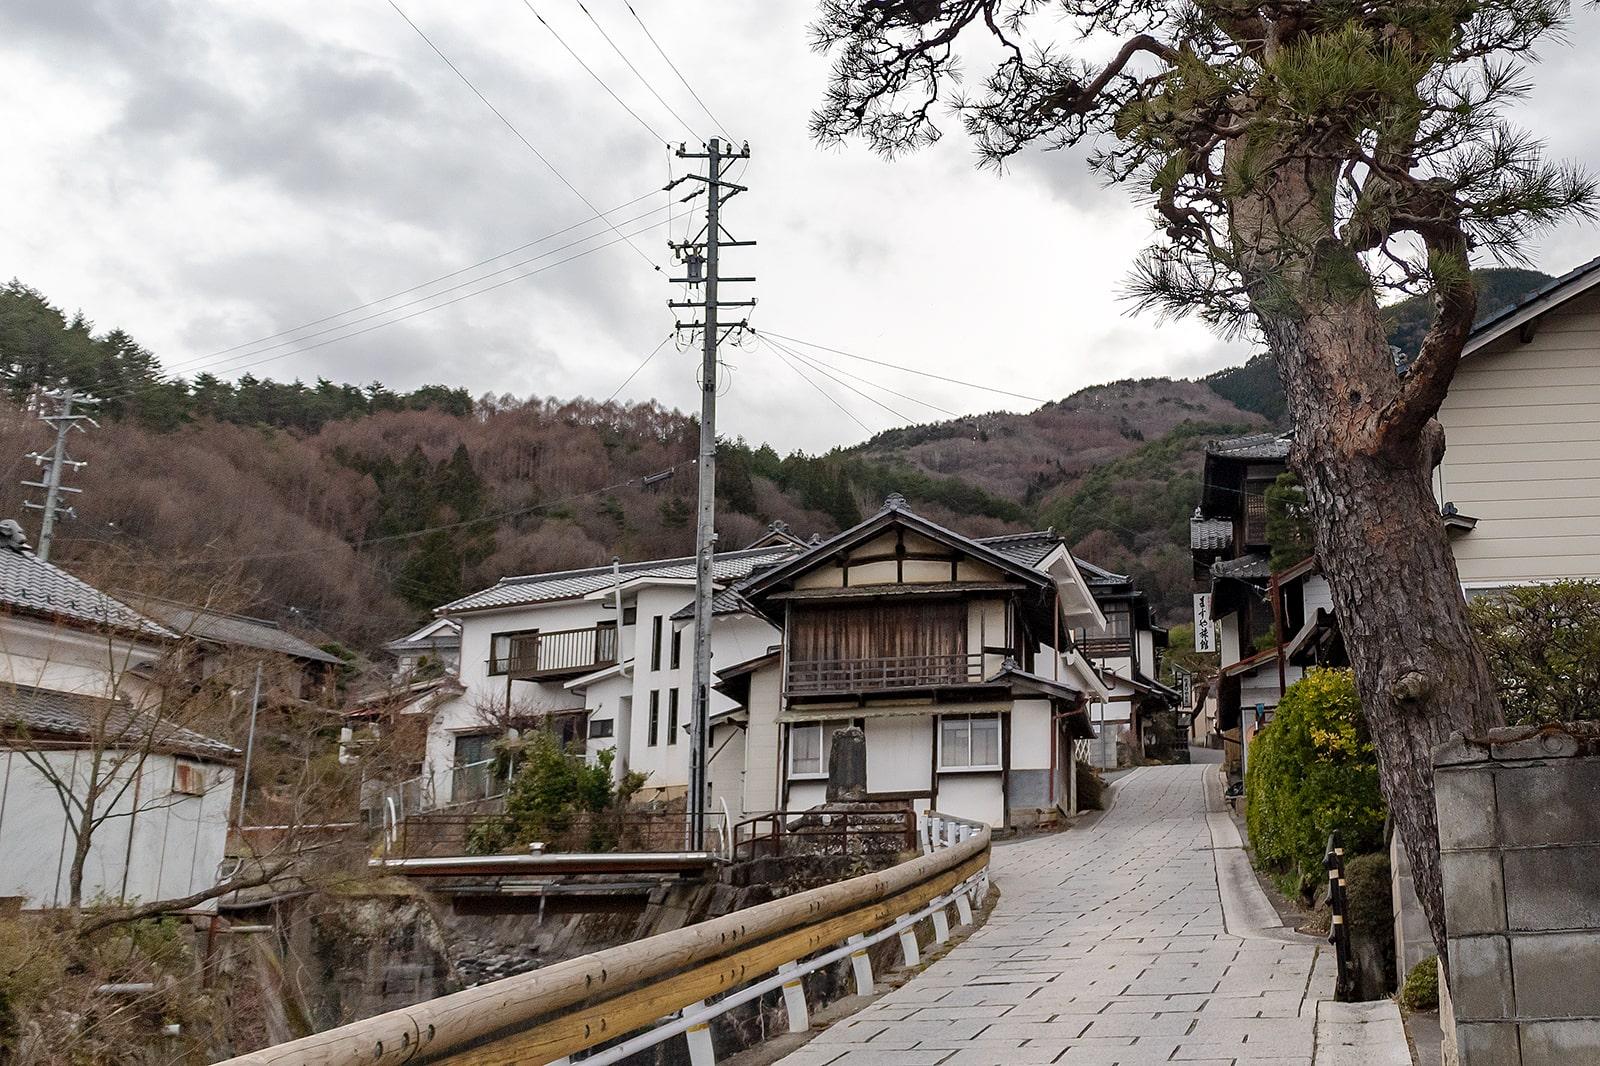 山あいに数件の温泉旅館が立ち並ぶ田沢温泉